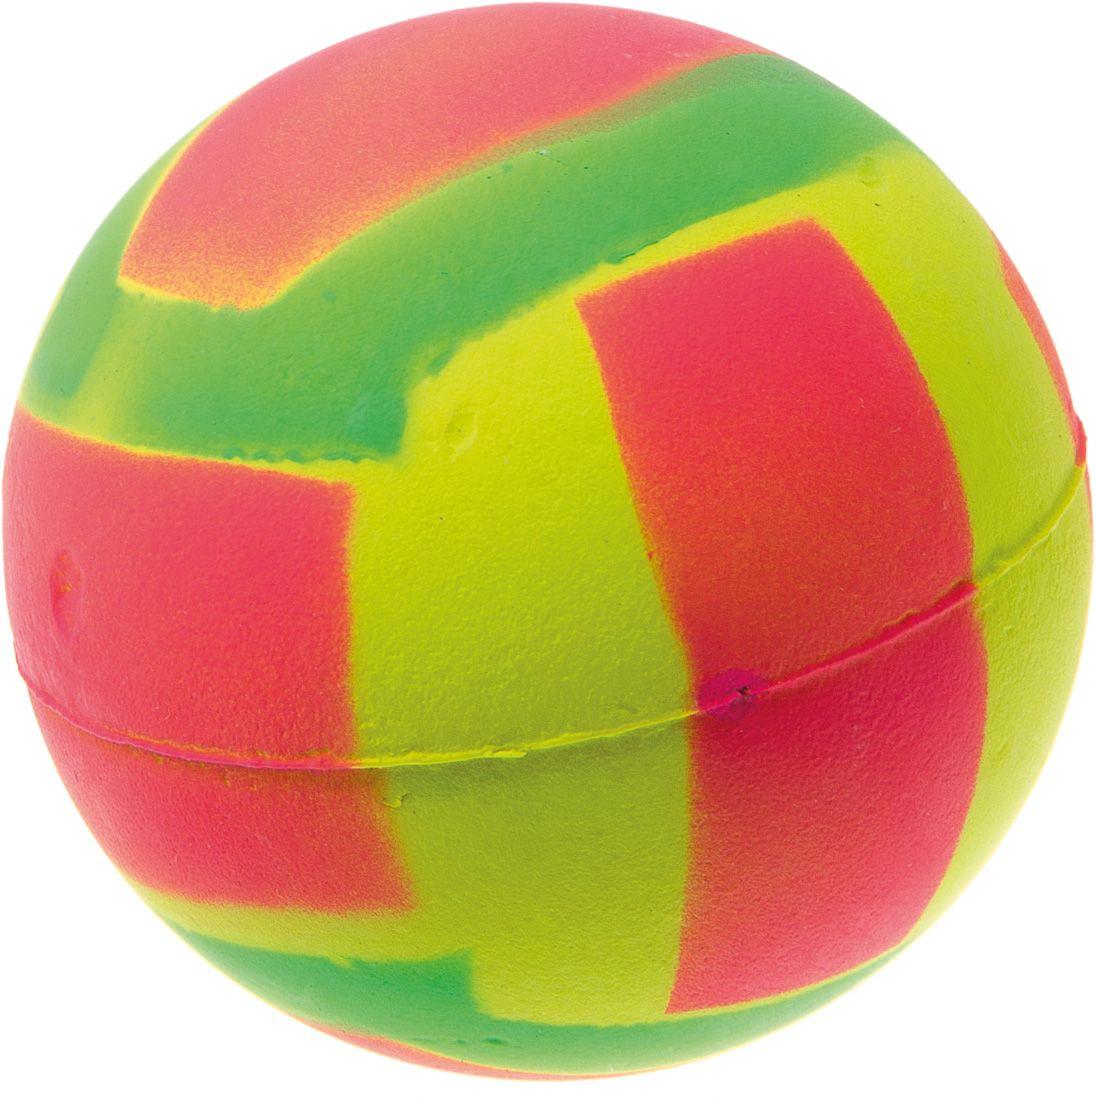 самаре картинки мячей разных цветов можно